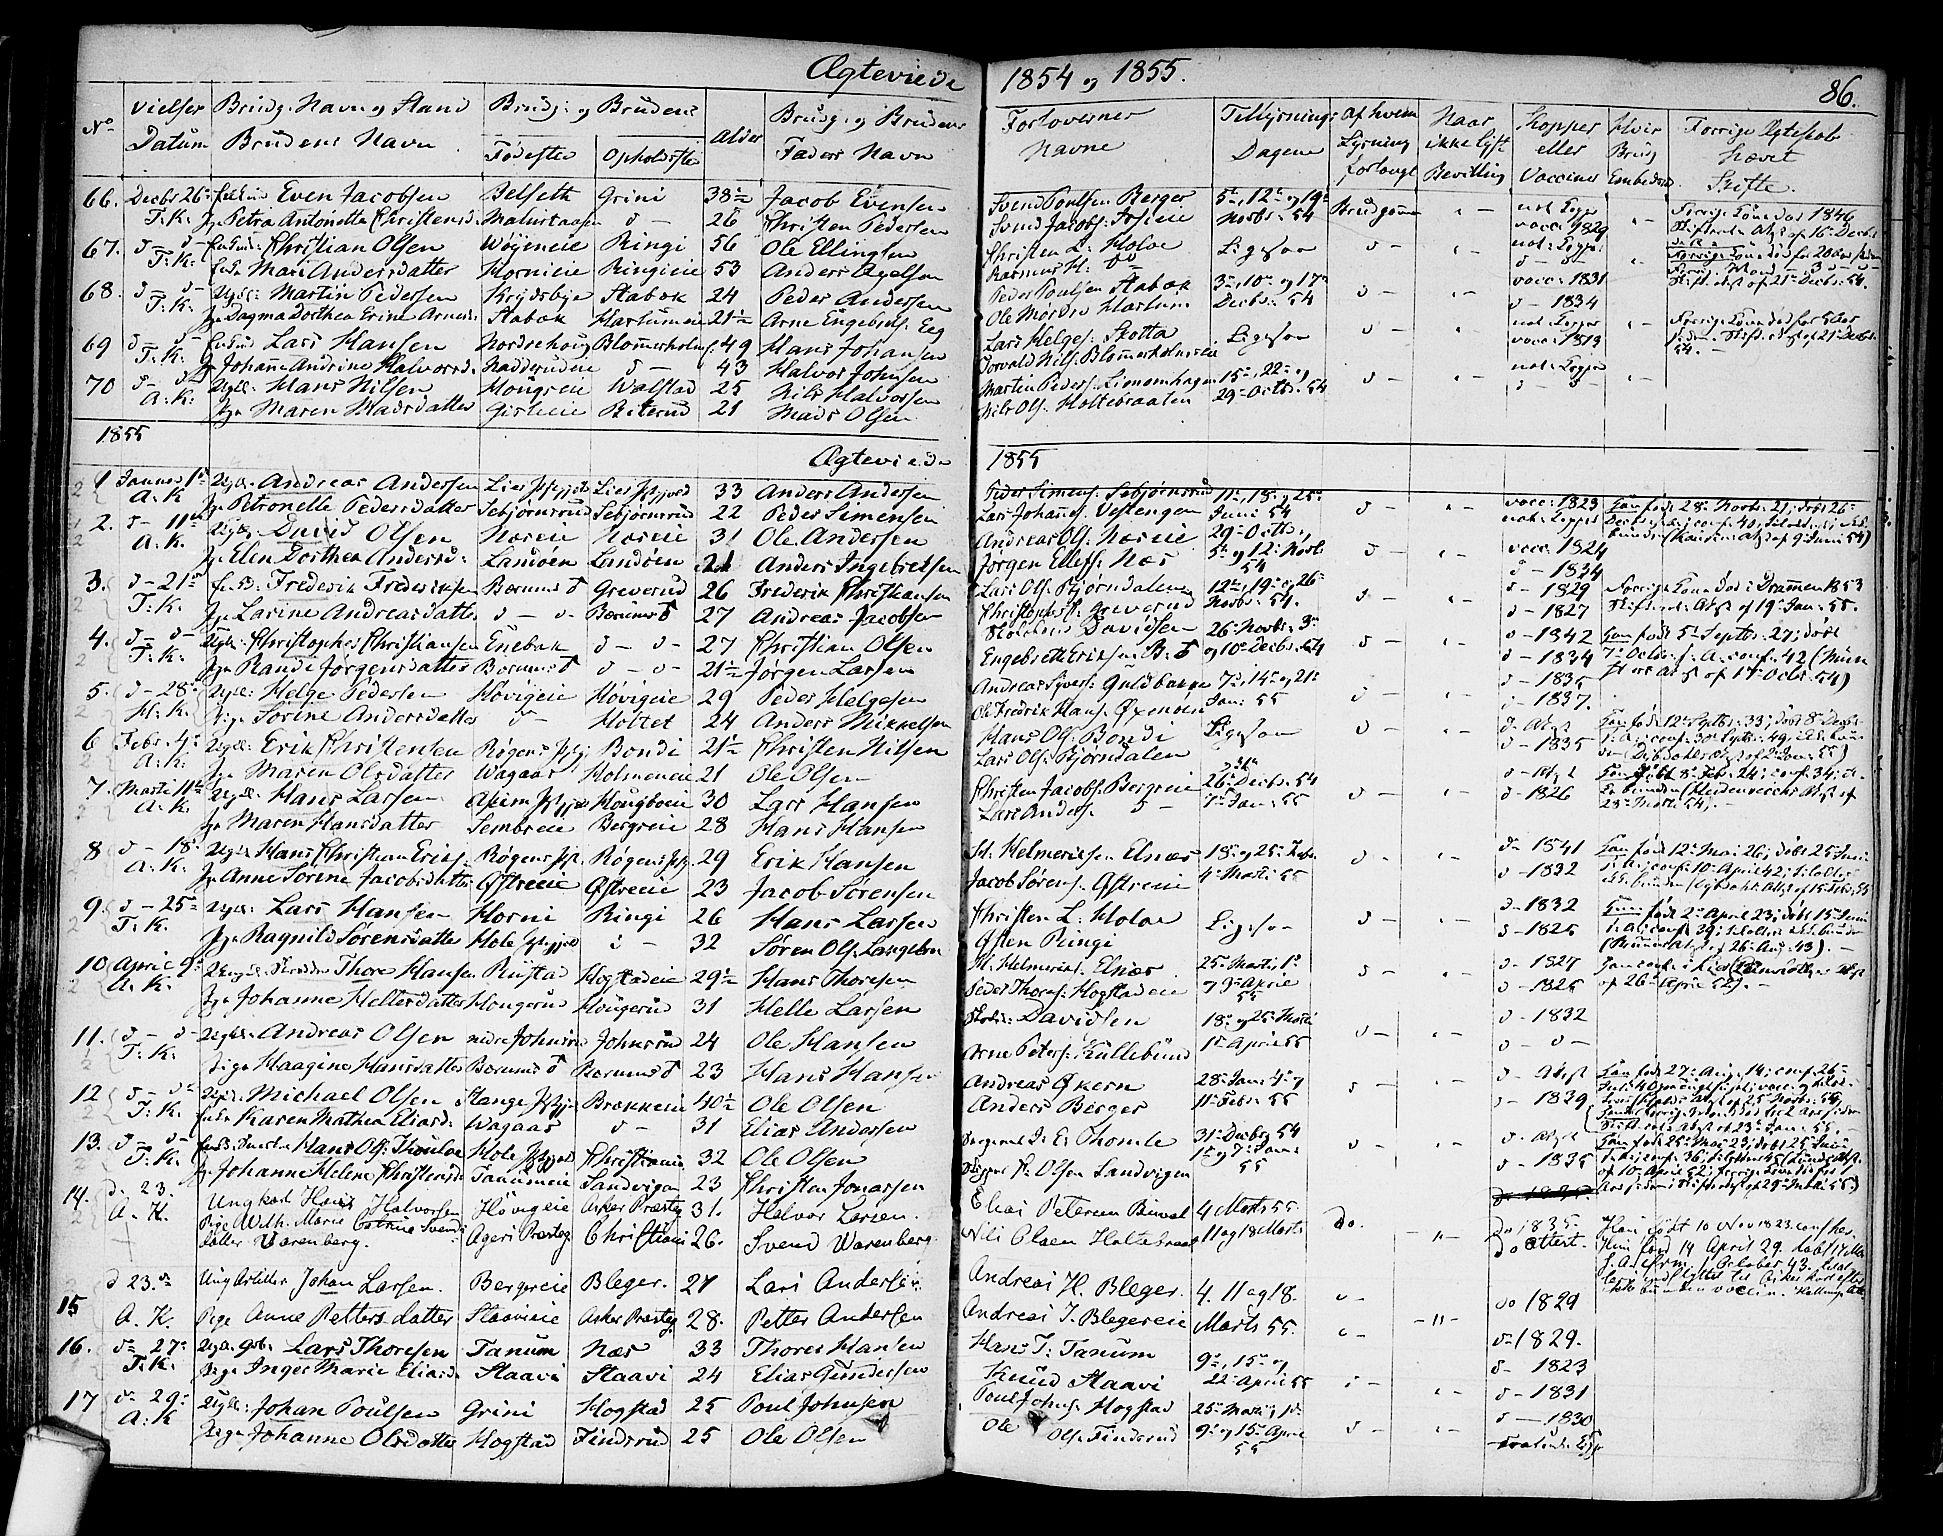 SAO, Asker prestekontor Kirkebøker, F/Fa/L0010: Ministerialbok nr. I 10, 1825-1878, s. 86